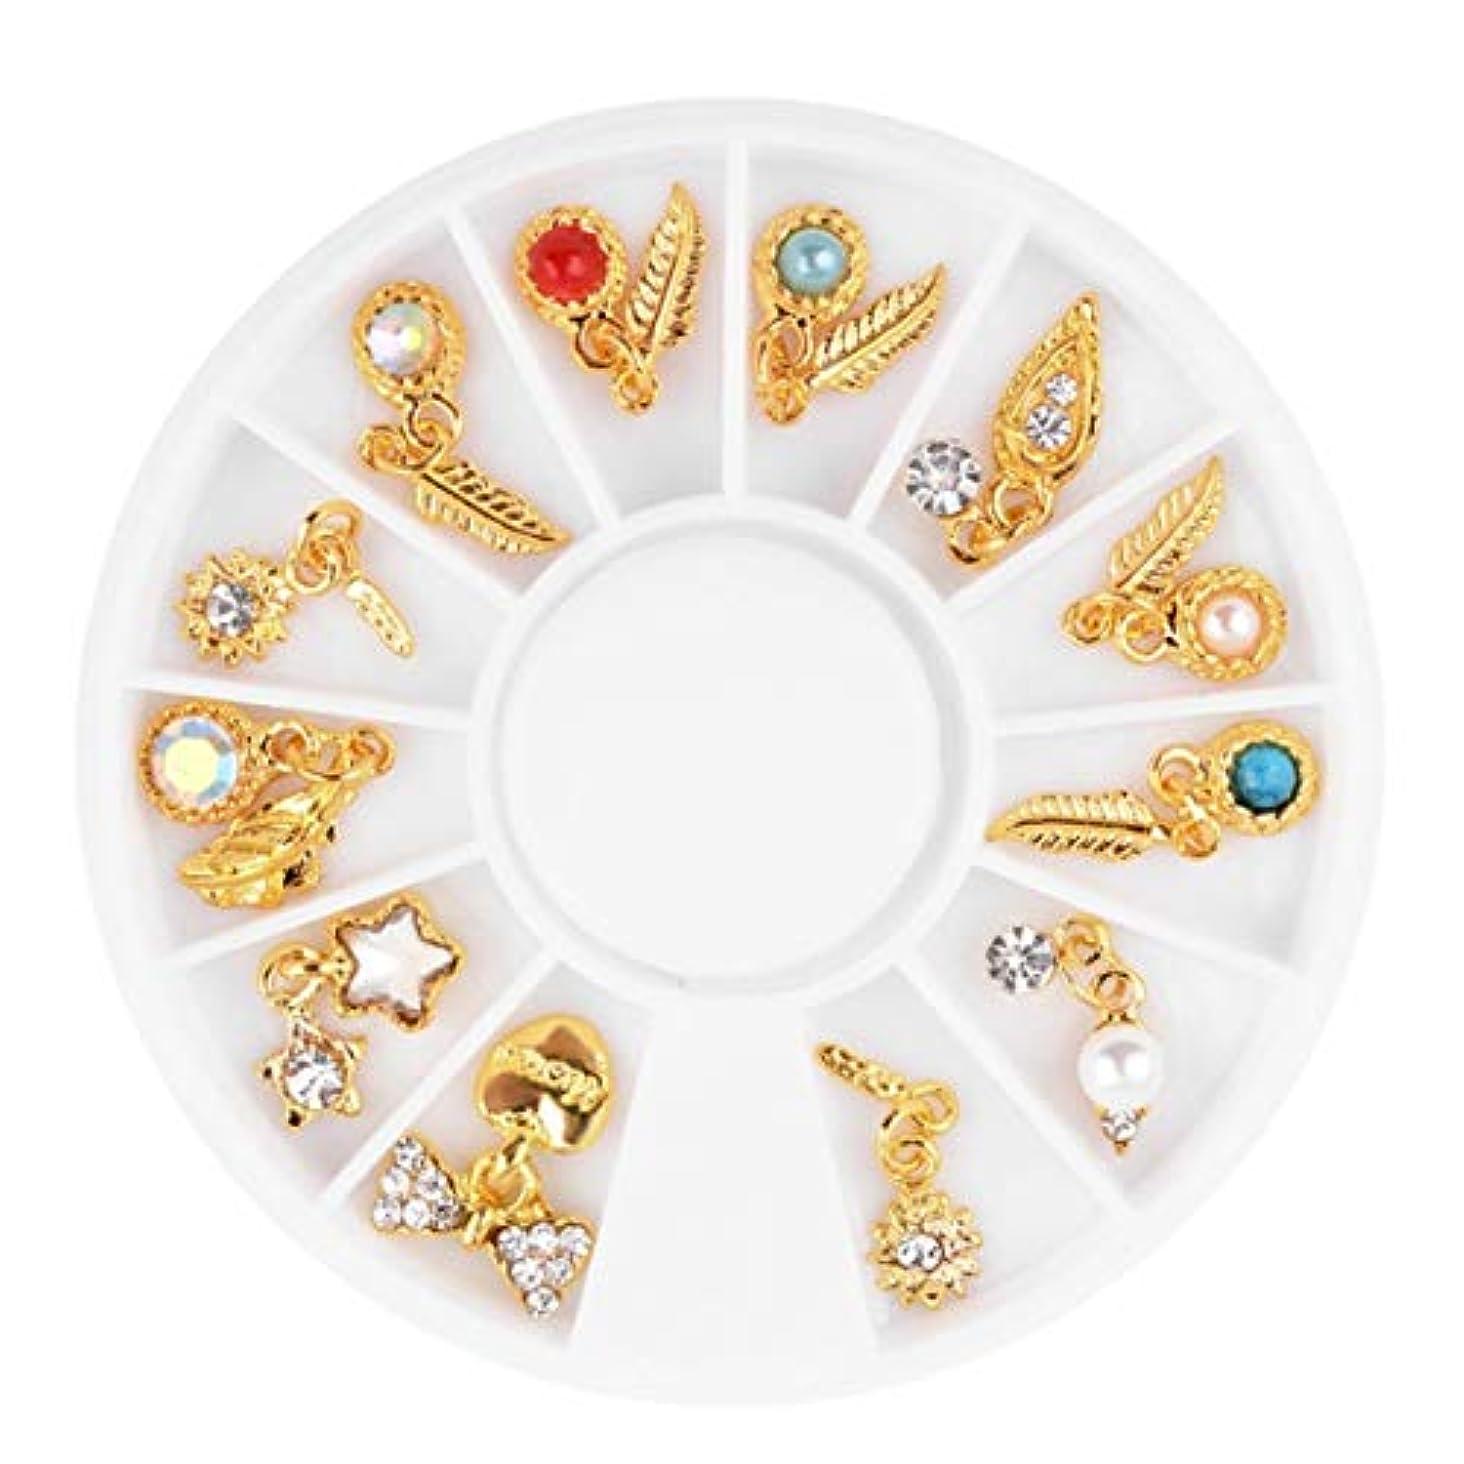 持っているランプQuzama-JS よく作られた釘芸術3 D混合形ラインストーン宝石石装飾合金宝石ディスクタッセルペンダント葉羽ターンテーブル(None Picture Color)